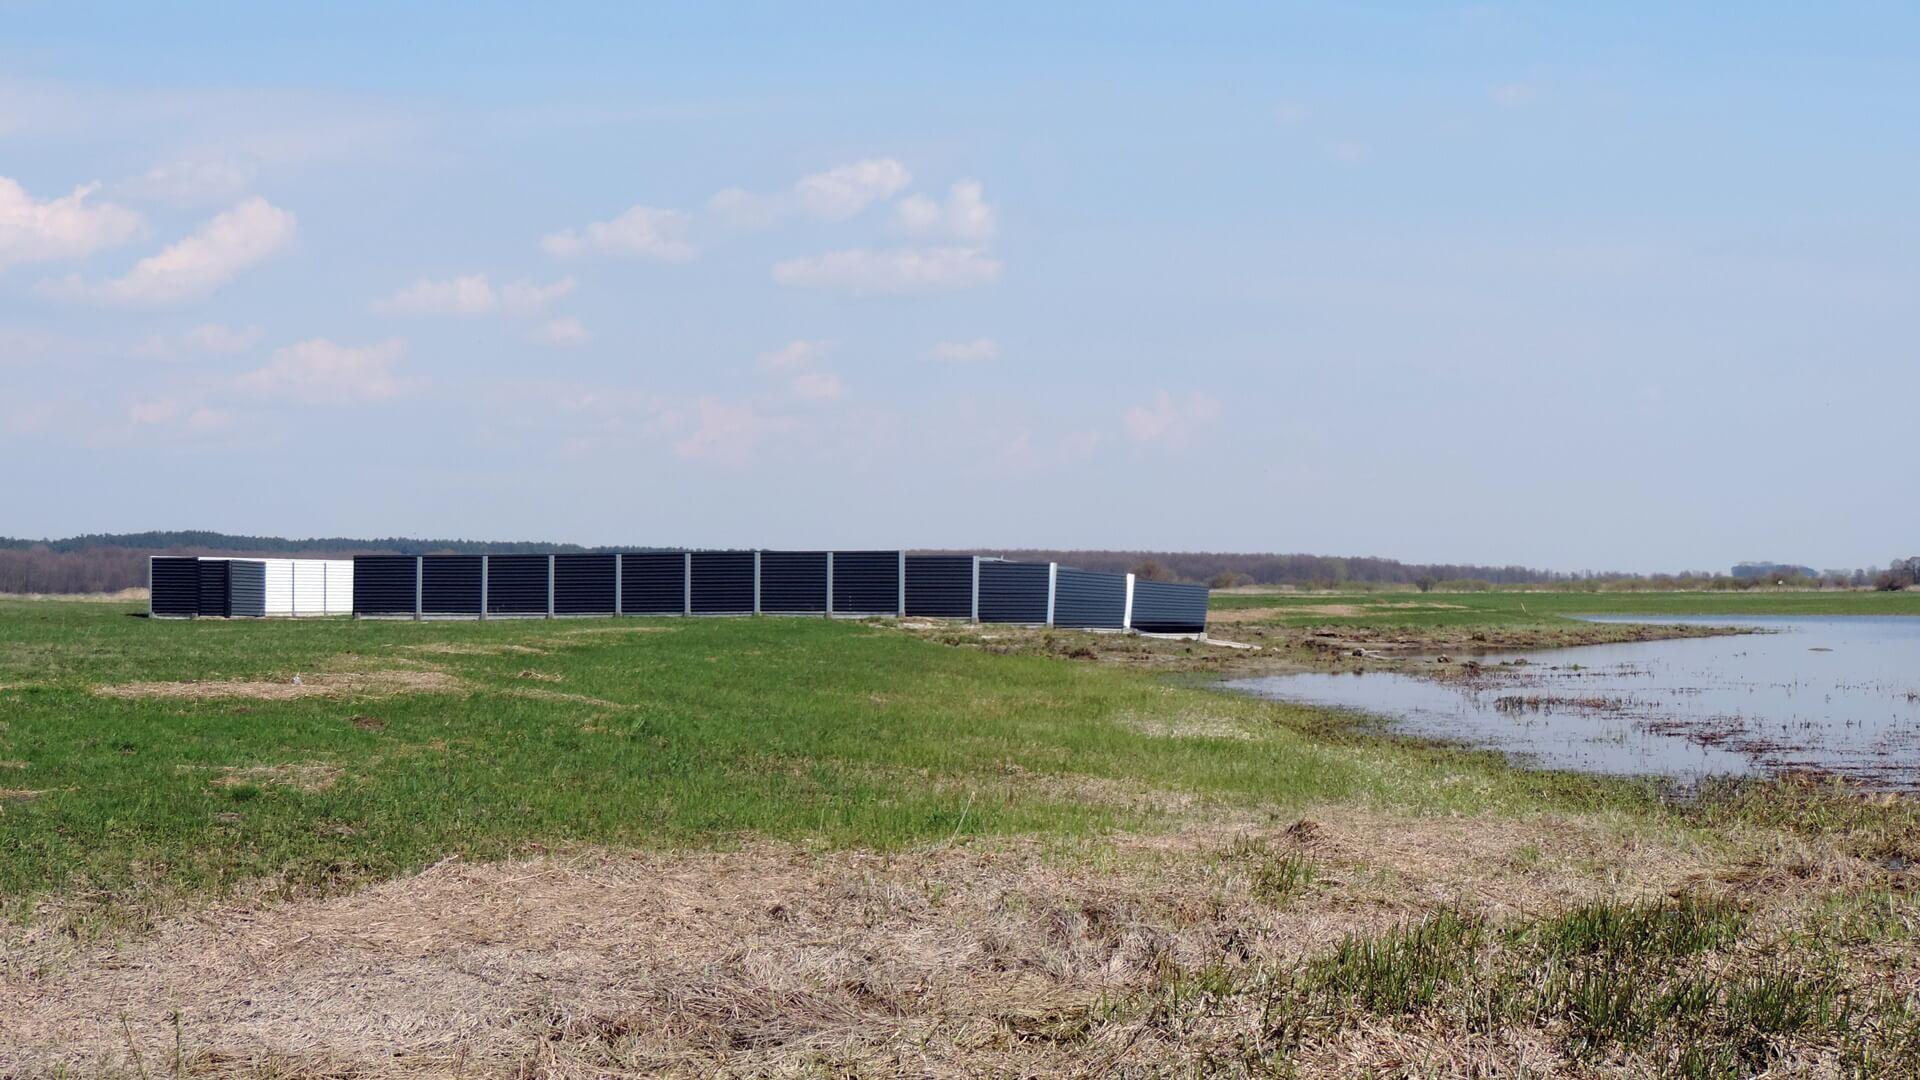 Foto: Przy starorzeczu Narwi w obrębie wsi Pniewo pojawiła się zabudowa - według przyrodników to samowola budowlana